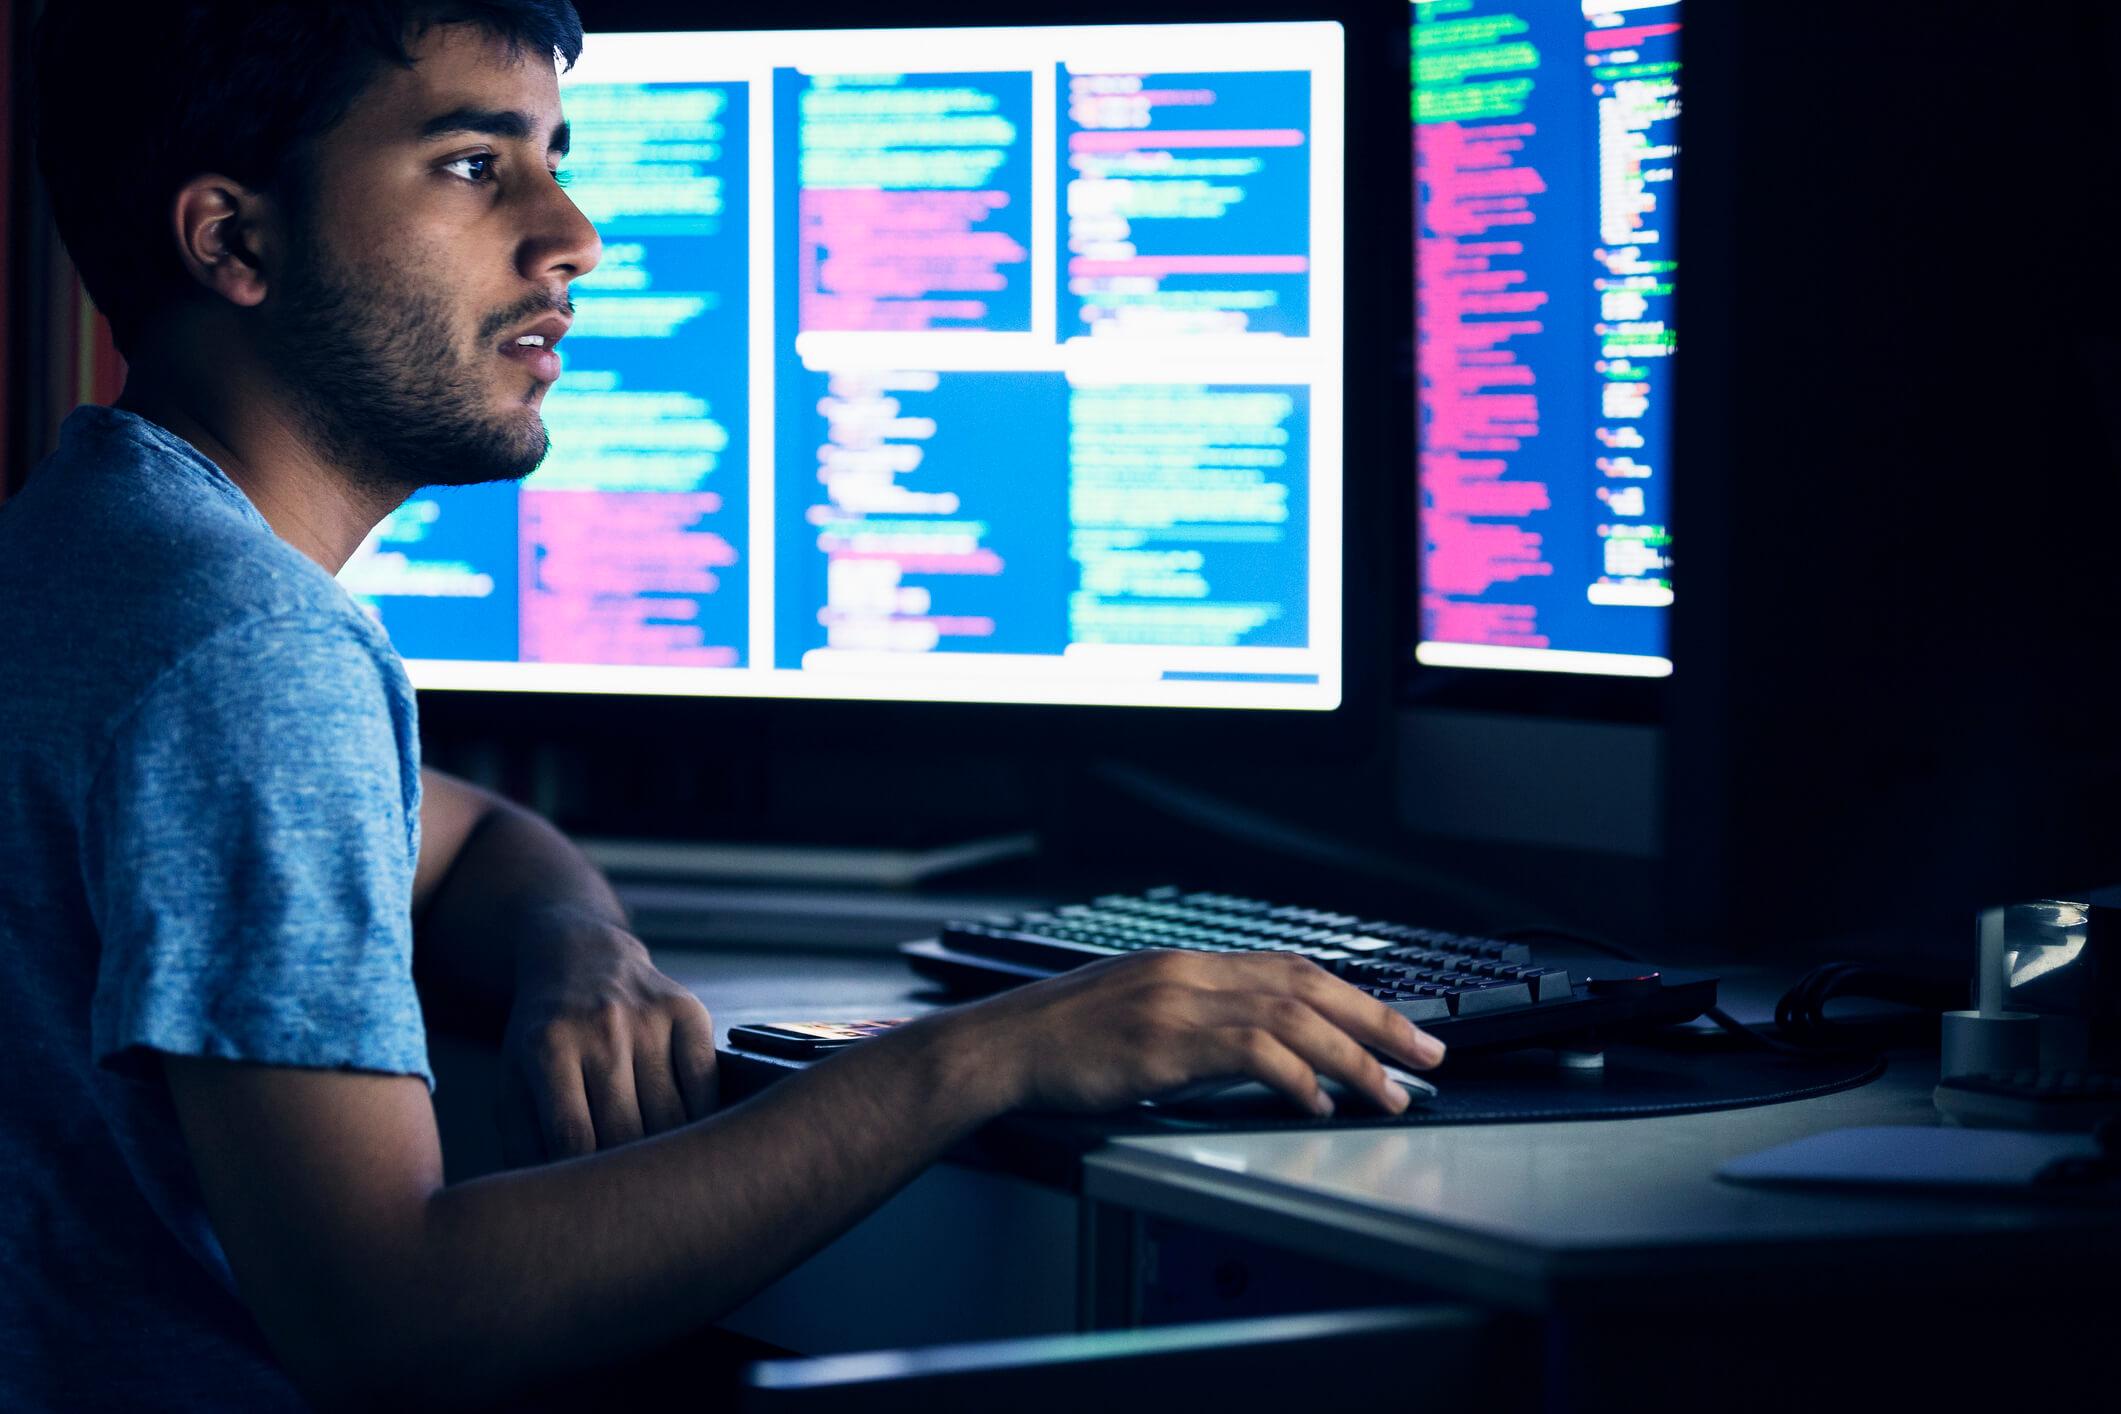 Os conceitos da cibersegurança que você e seu time devem dominar!